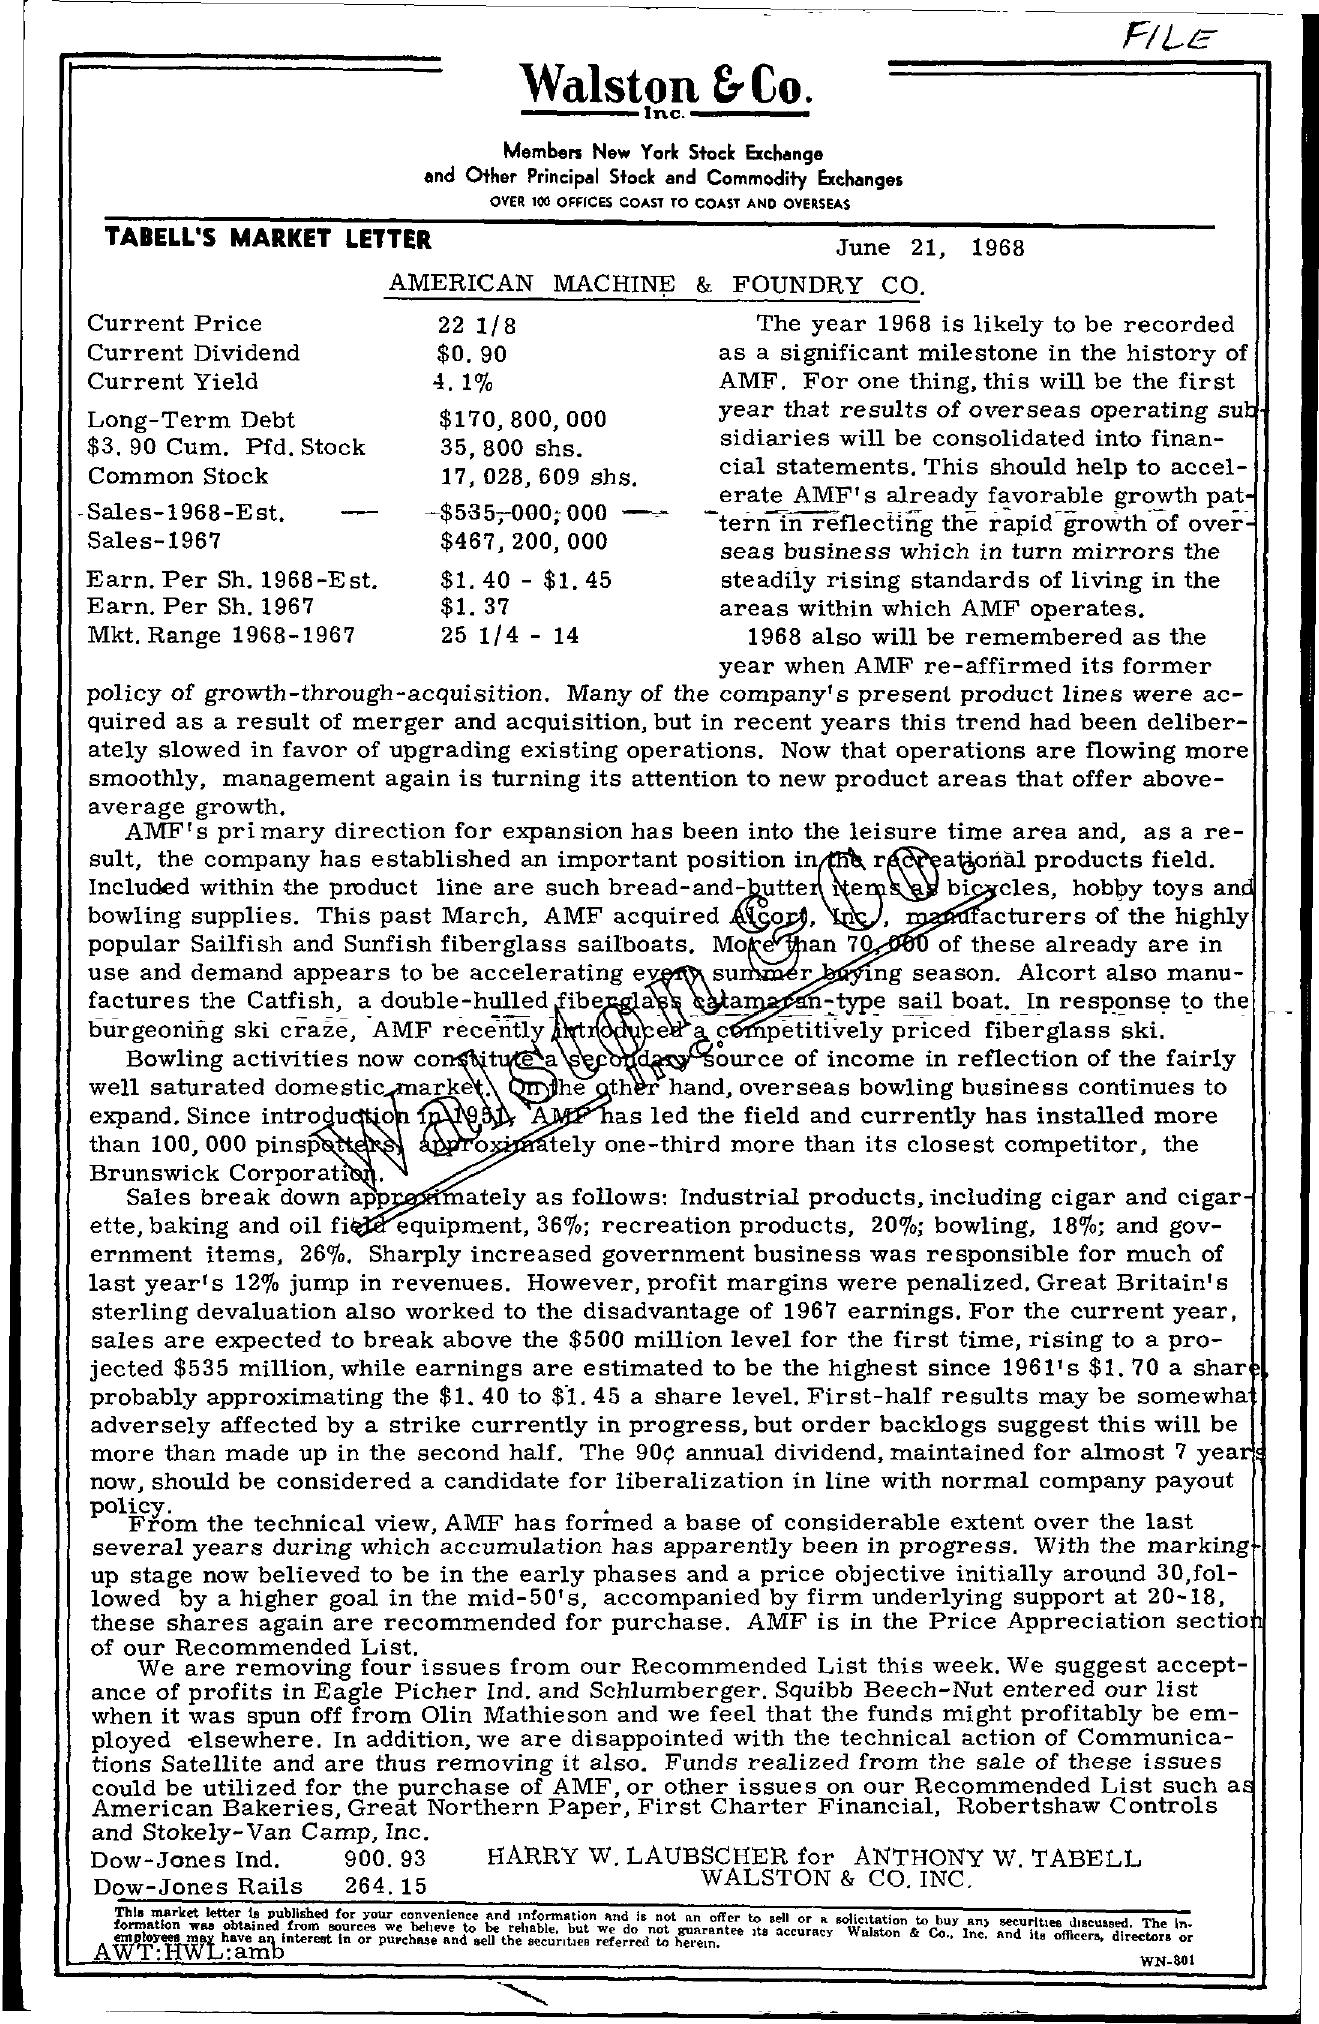 Tabell's Market Letter - June 21, 1968